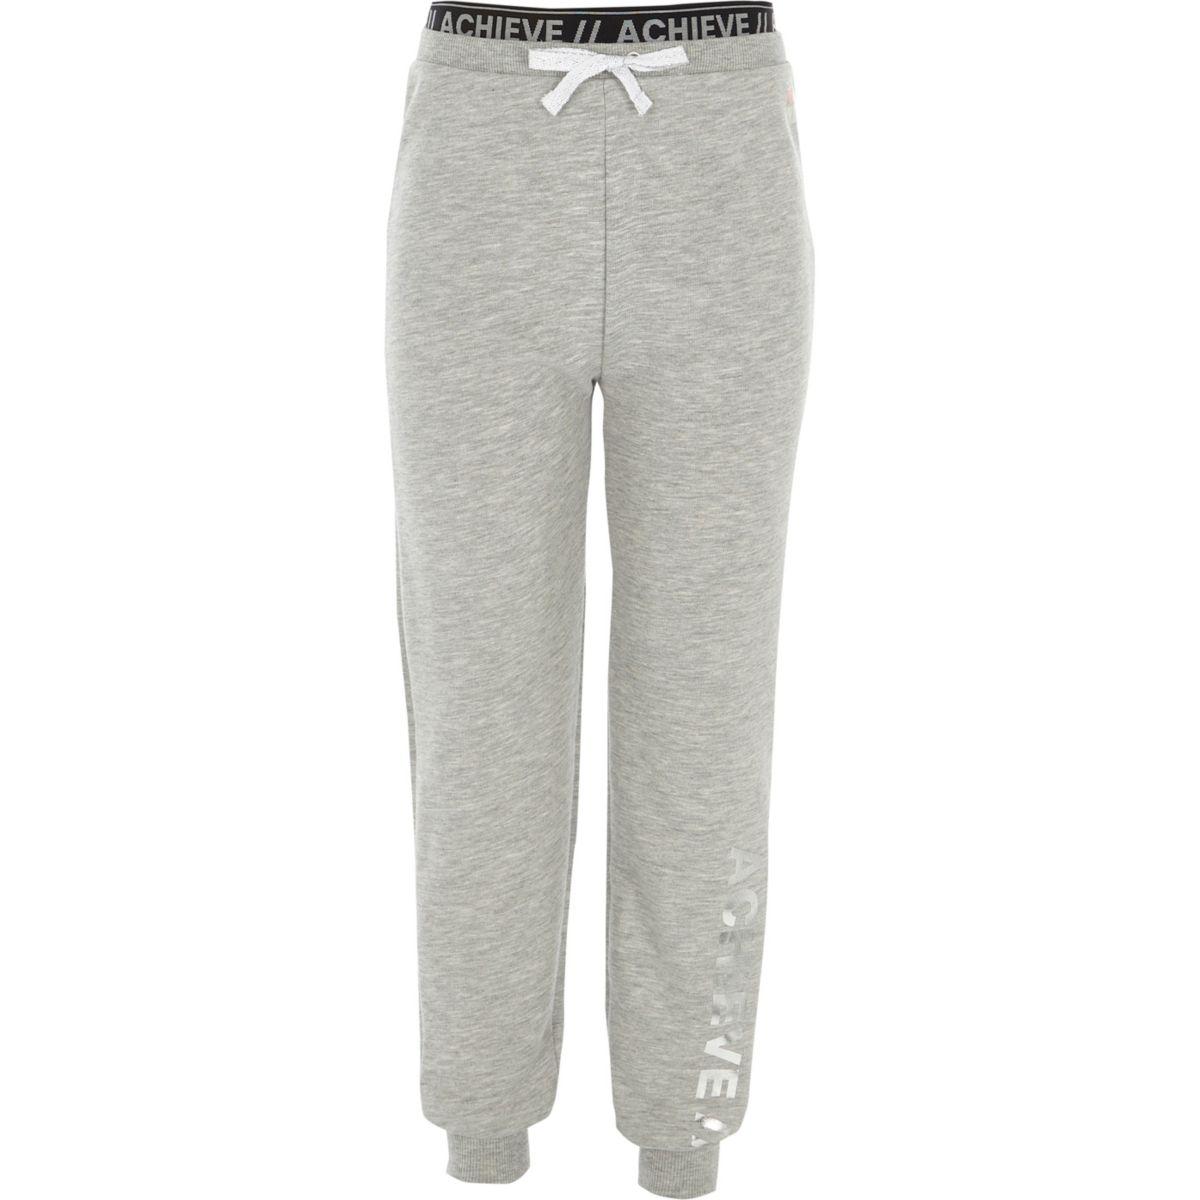 RI Active – Pantalon de jogging «achieve» gris pour fille